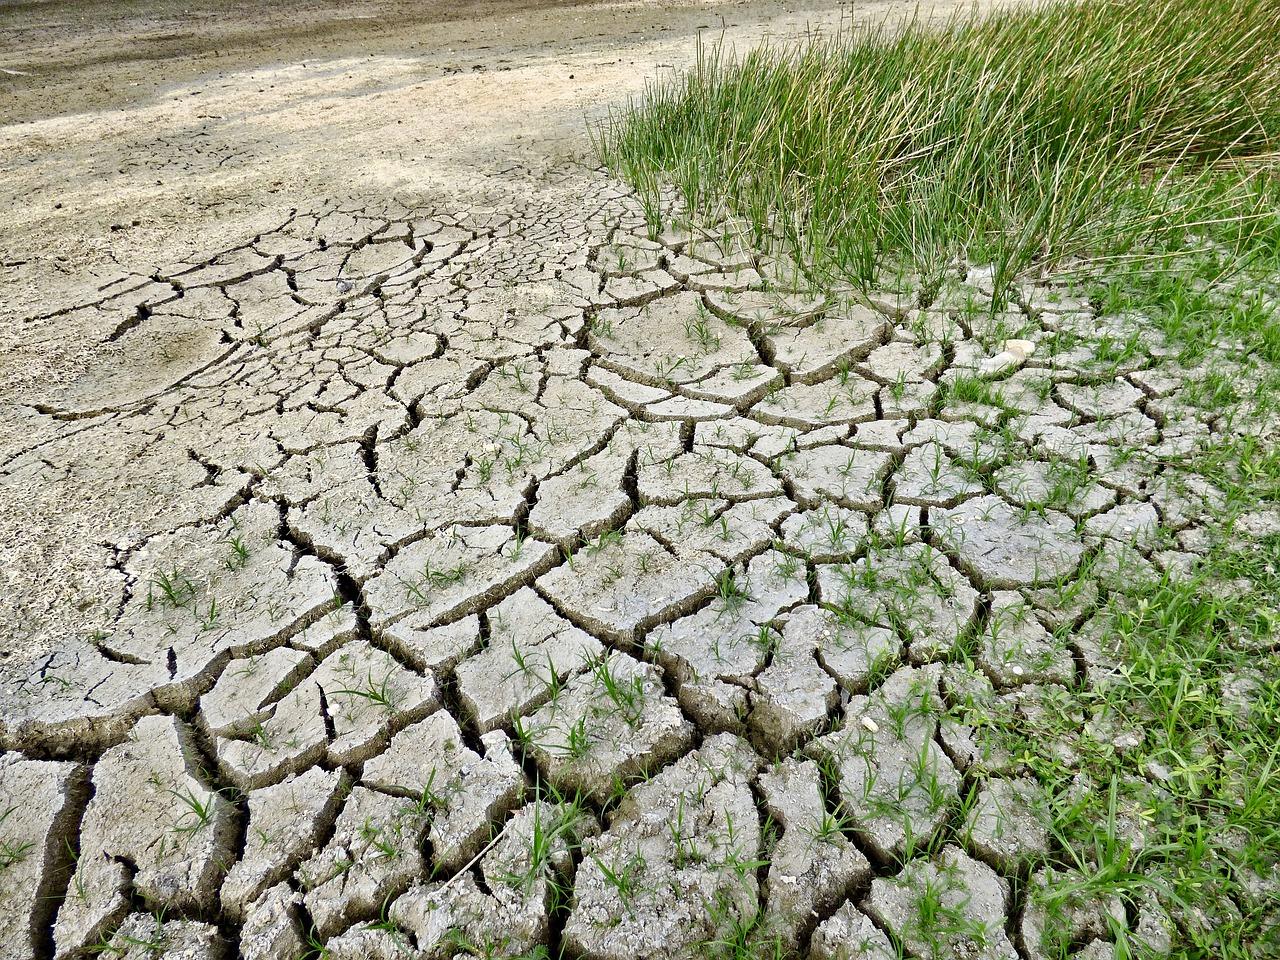 Imagen de archivo la desertificación del suelo debido al aumento de las temperaturas.